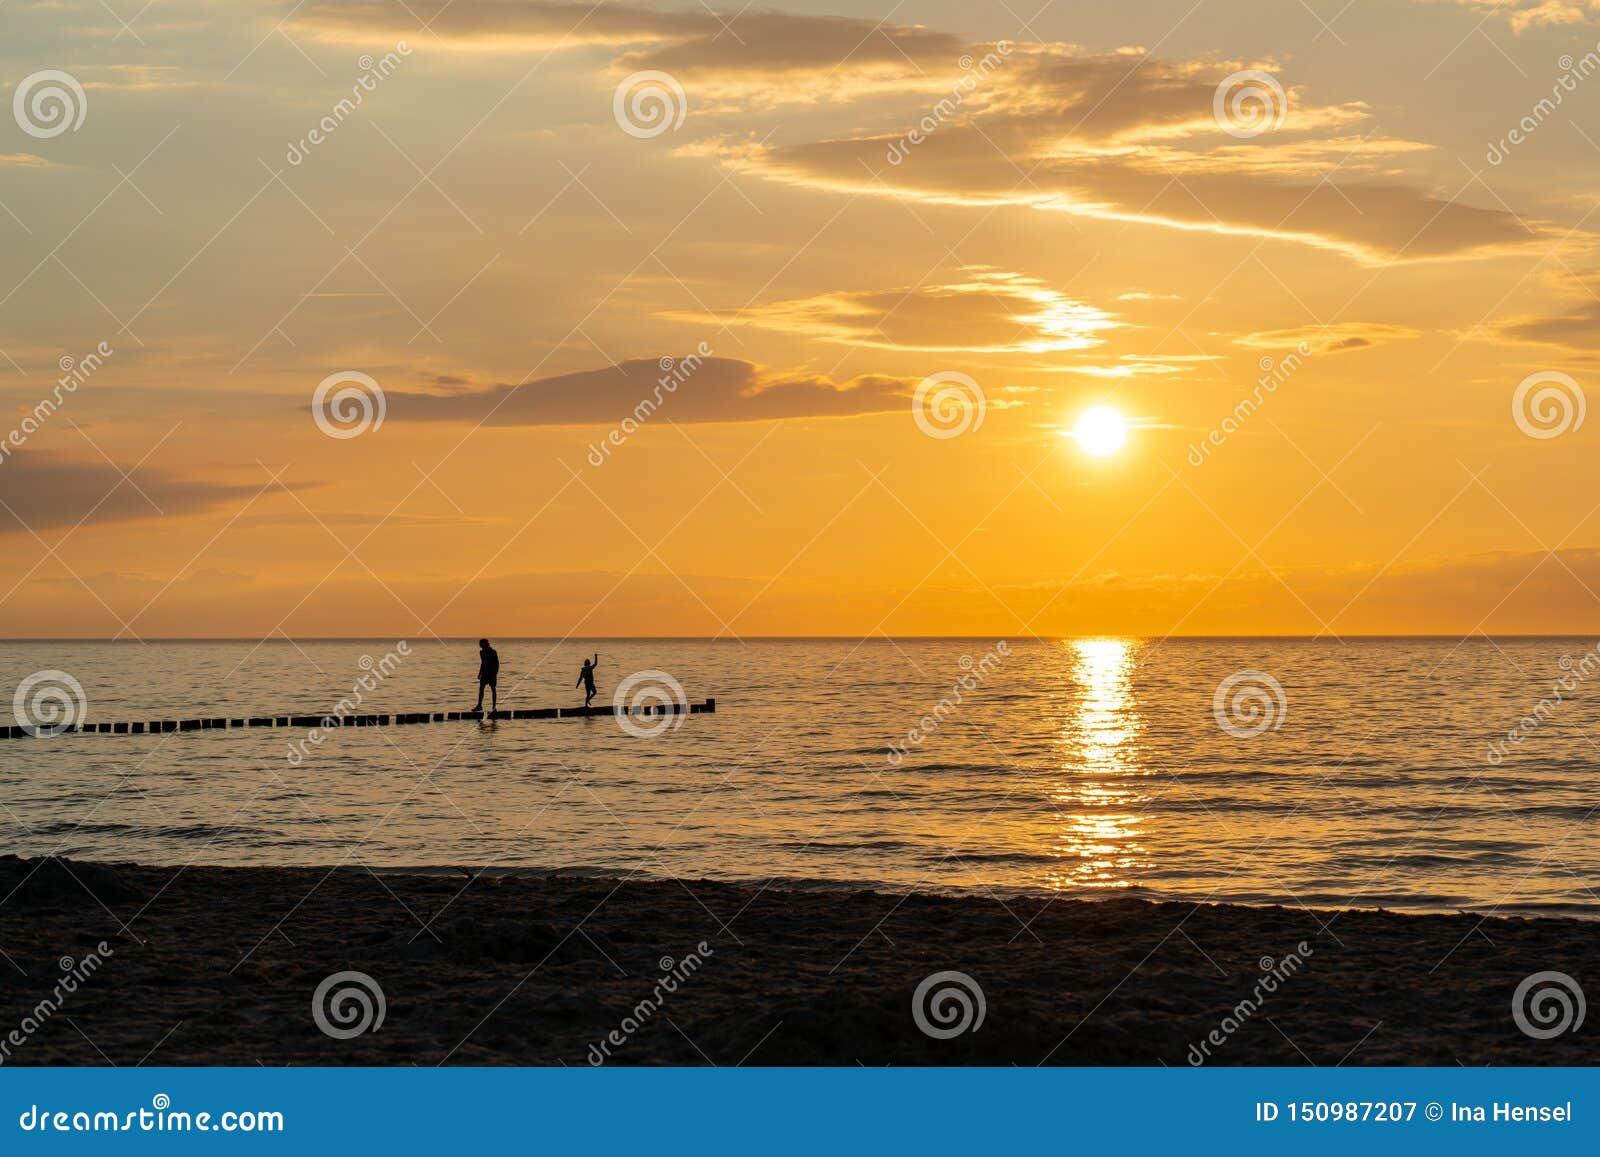 Tramonto alla spiaggia con due persone come siluette nere nella priorità alta